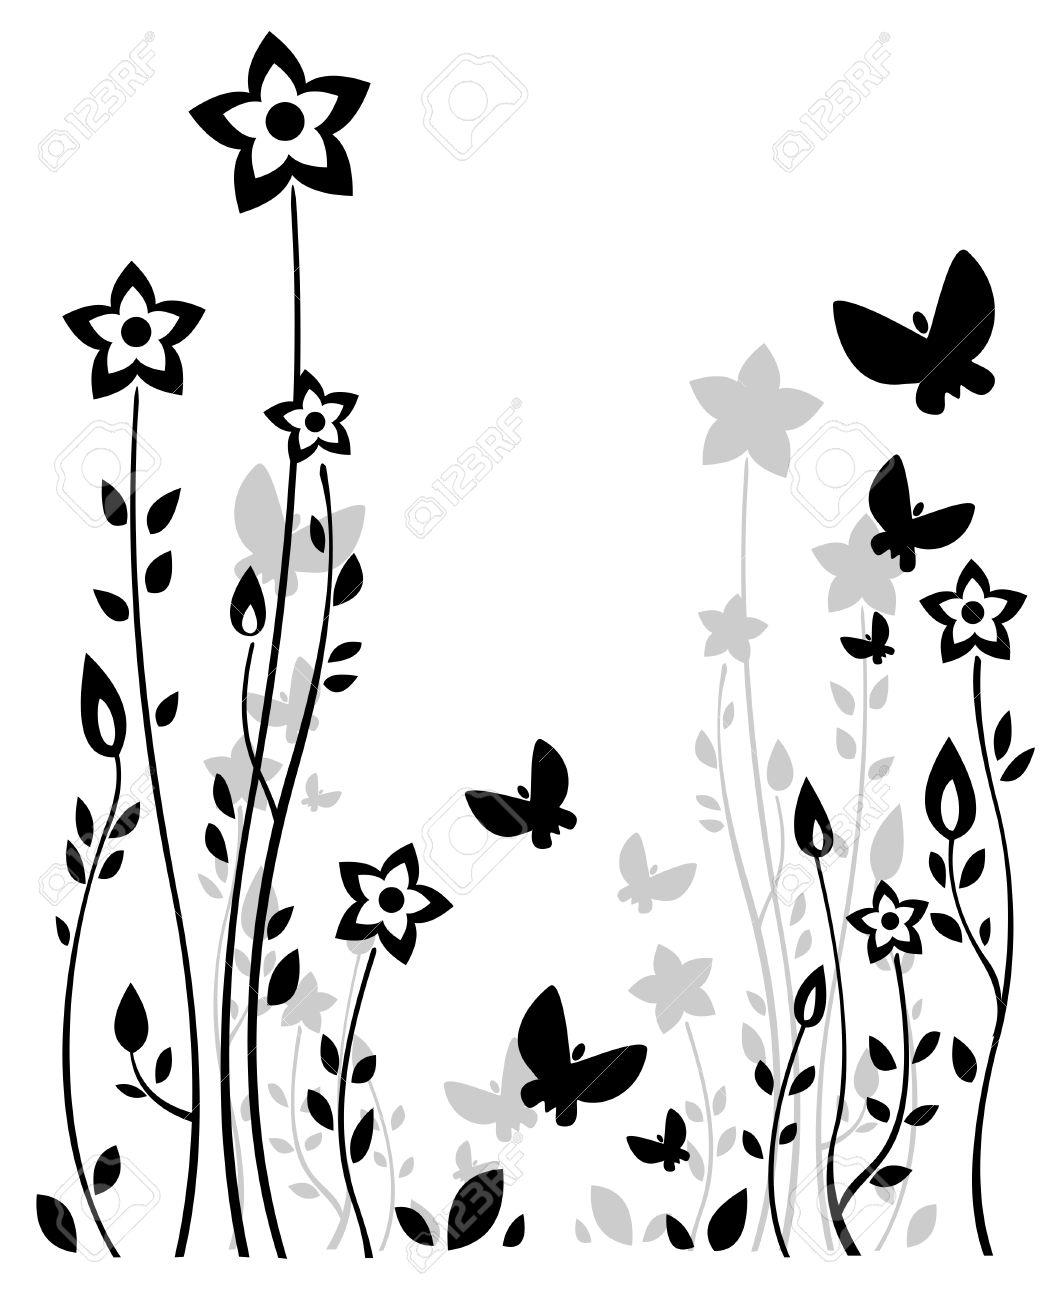 Siluetas estilizadas flores y mariposas sobre fondo blanco. Foto de archivo - 5069322